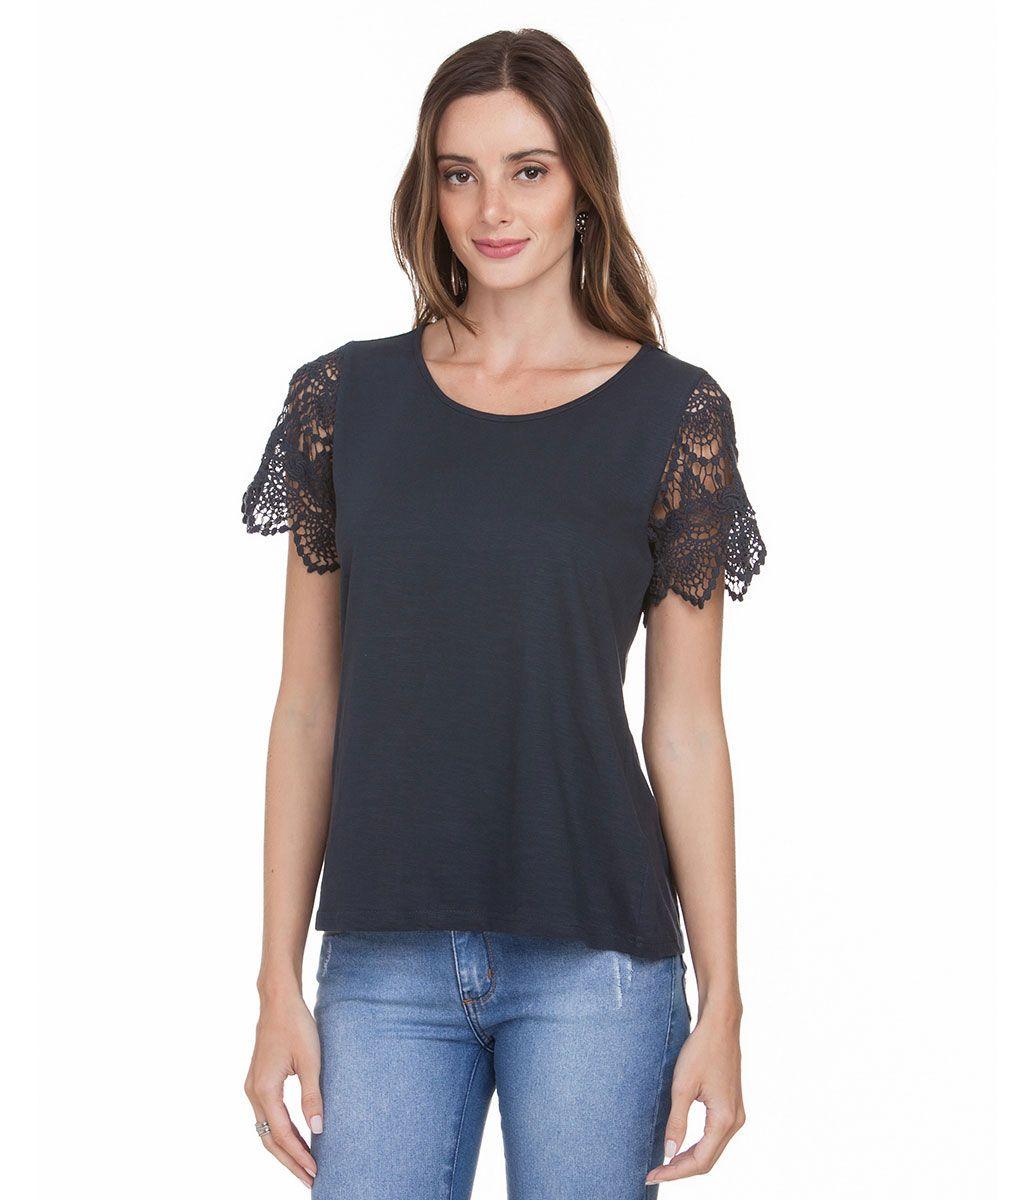 Blusa feminina  Manga curta em renda guipir  Decote redondo  Marca: Marfinno  Tecido: Malha  Composição: 100% algodão.  Modelo veste tamanho: P    Veja outras opções de    blusas femininas.